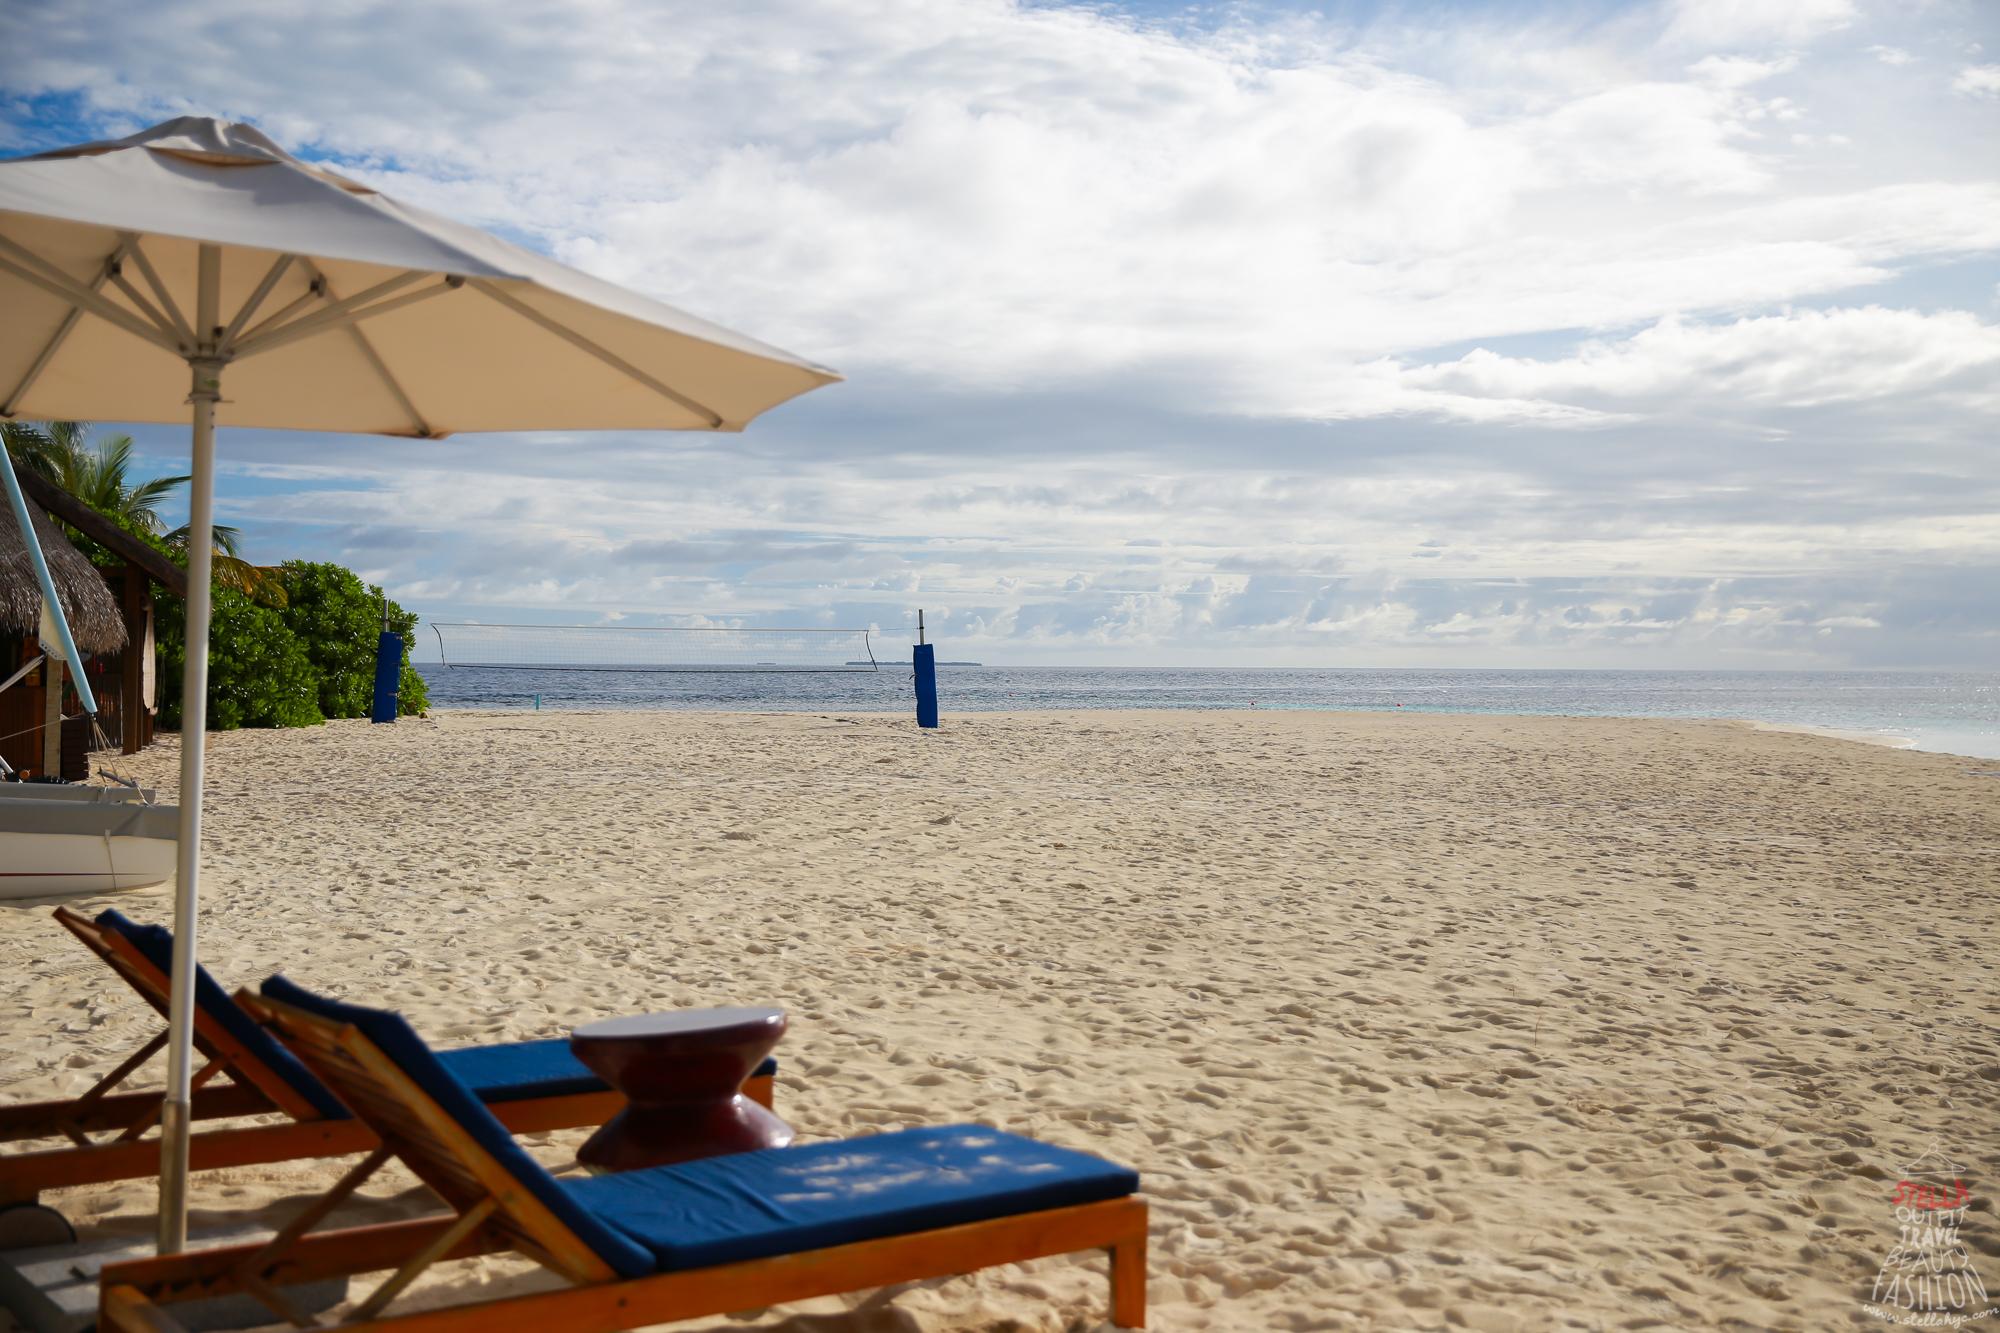 【馬爾地夫】蜜月夢幻天堂。W Retreat & Spa Maldives美夢島~全島環境導覽+水上飛機篇 - Stella 小美人。史黛拉